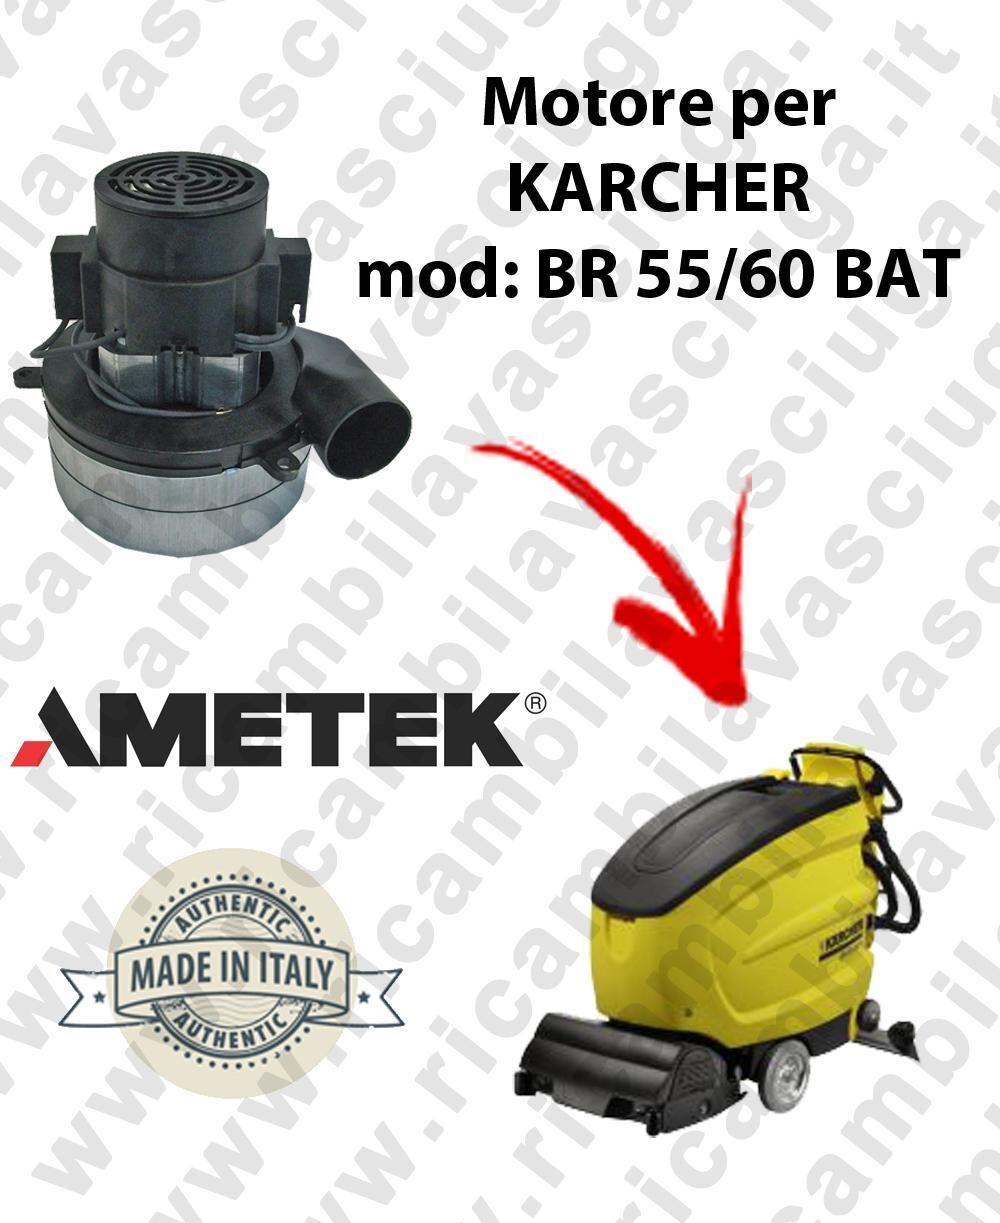 Karcher BR 55/60 BATT MOTORE AMETEK di aspirazione per lavapavimenti